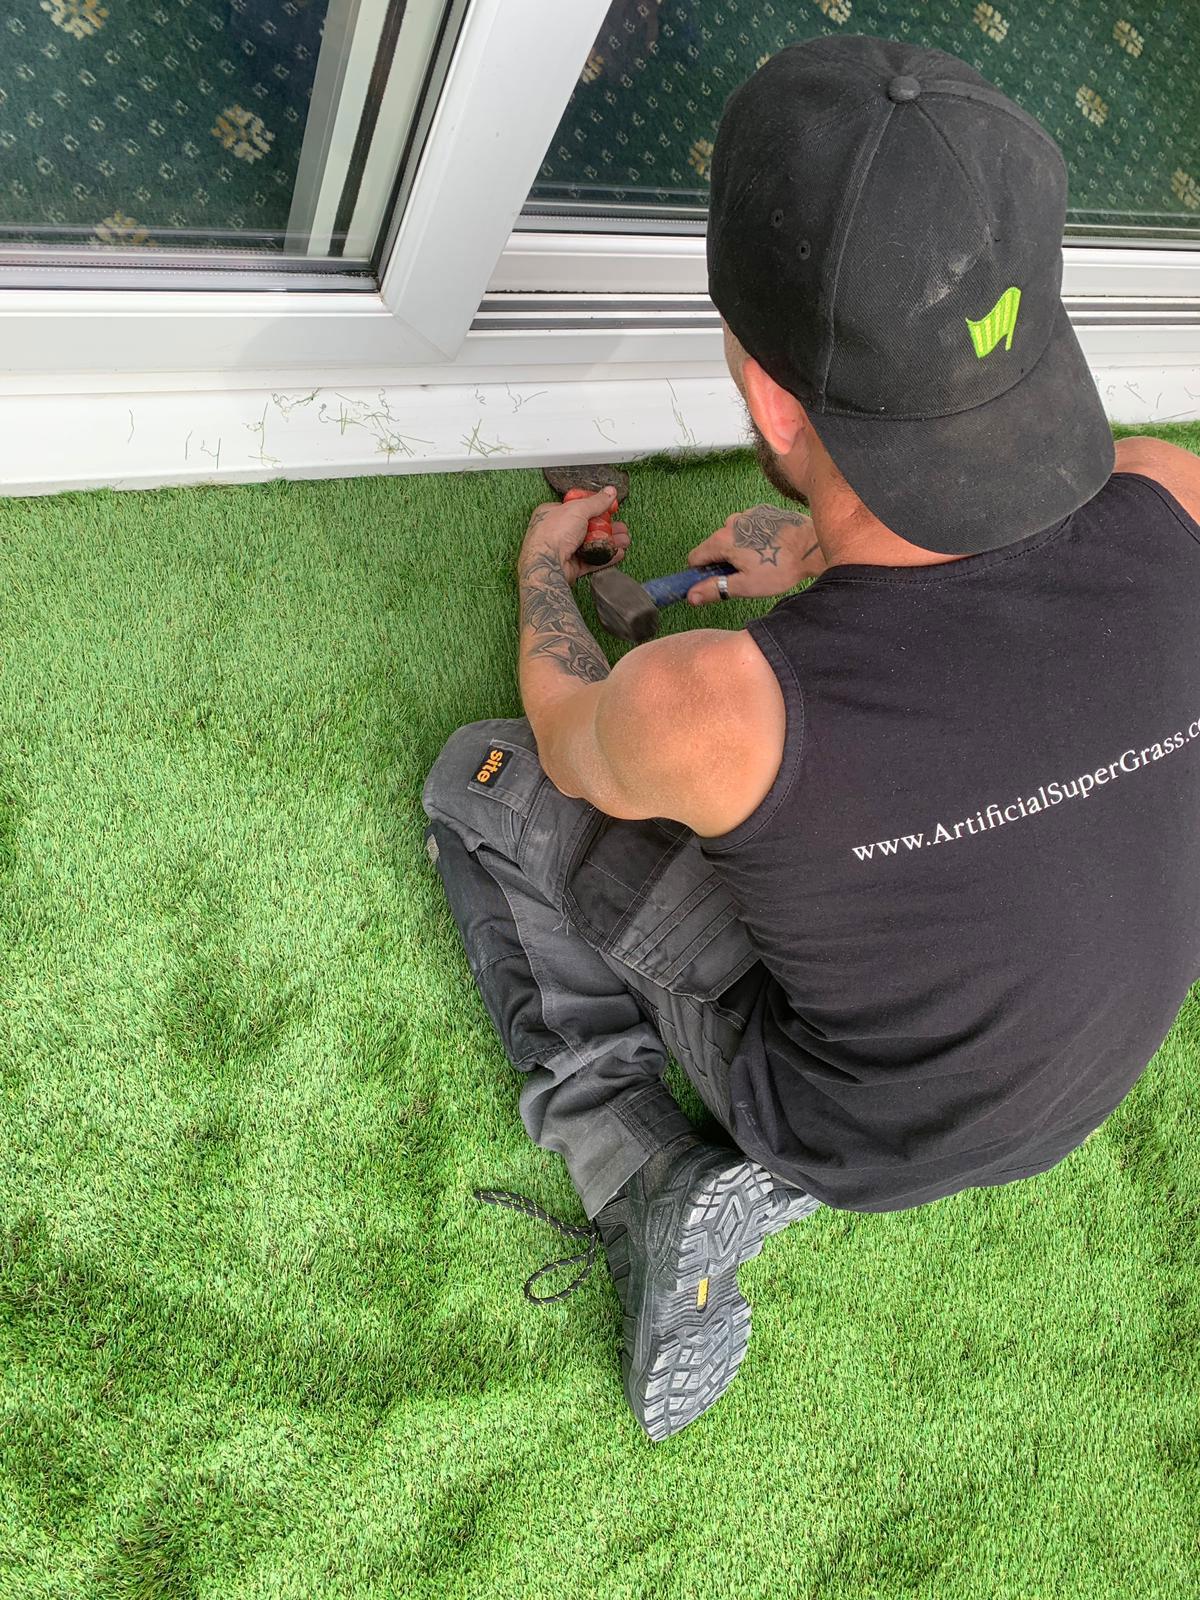 Cheap Fake Grass Tyne and Wear Artificial Super Grass